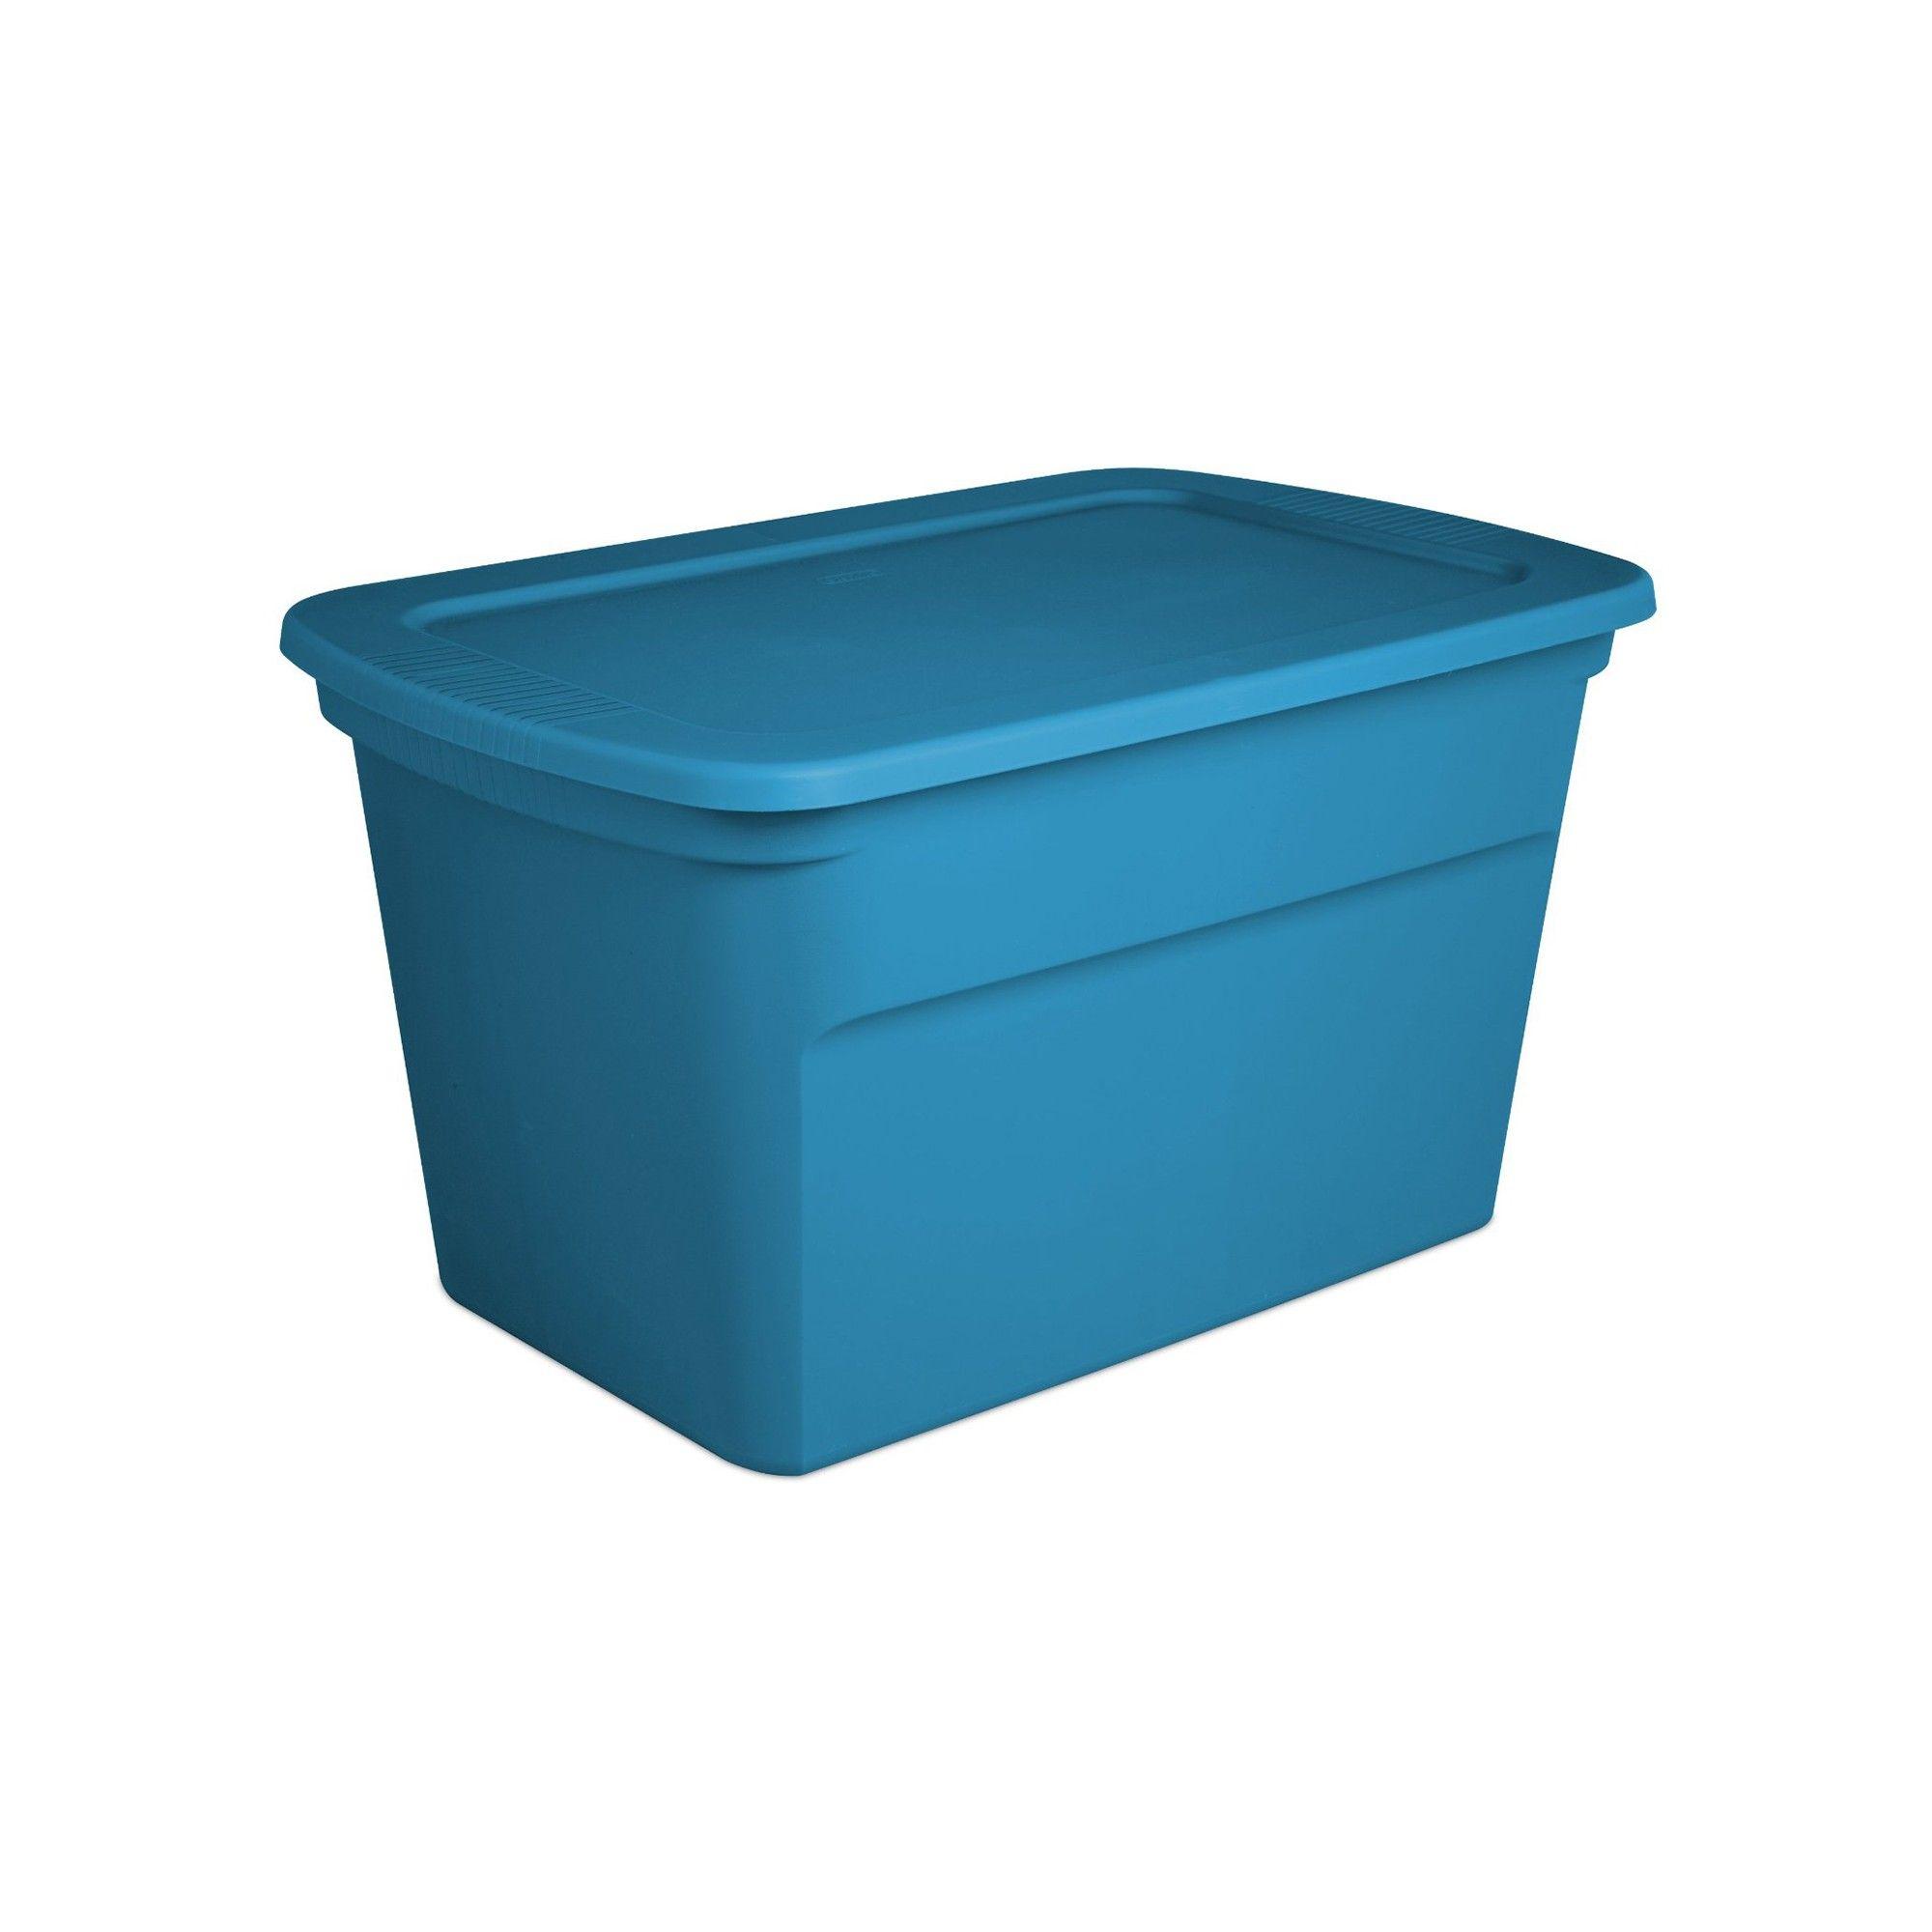 Sterilite 30 Gallon Plastic Storage Tote Blue Aquarium 6 Pack 17364306 Plastic Storage Totes Plastic Storage Tote Storage